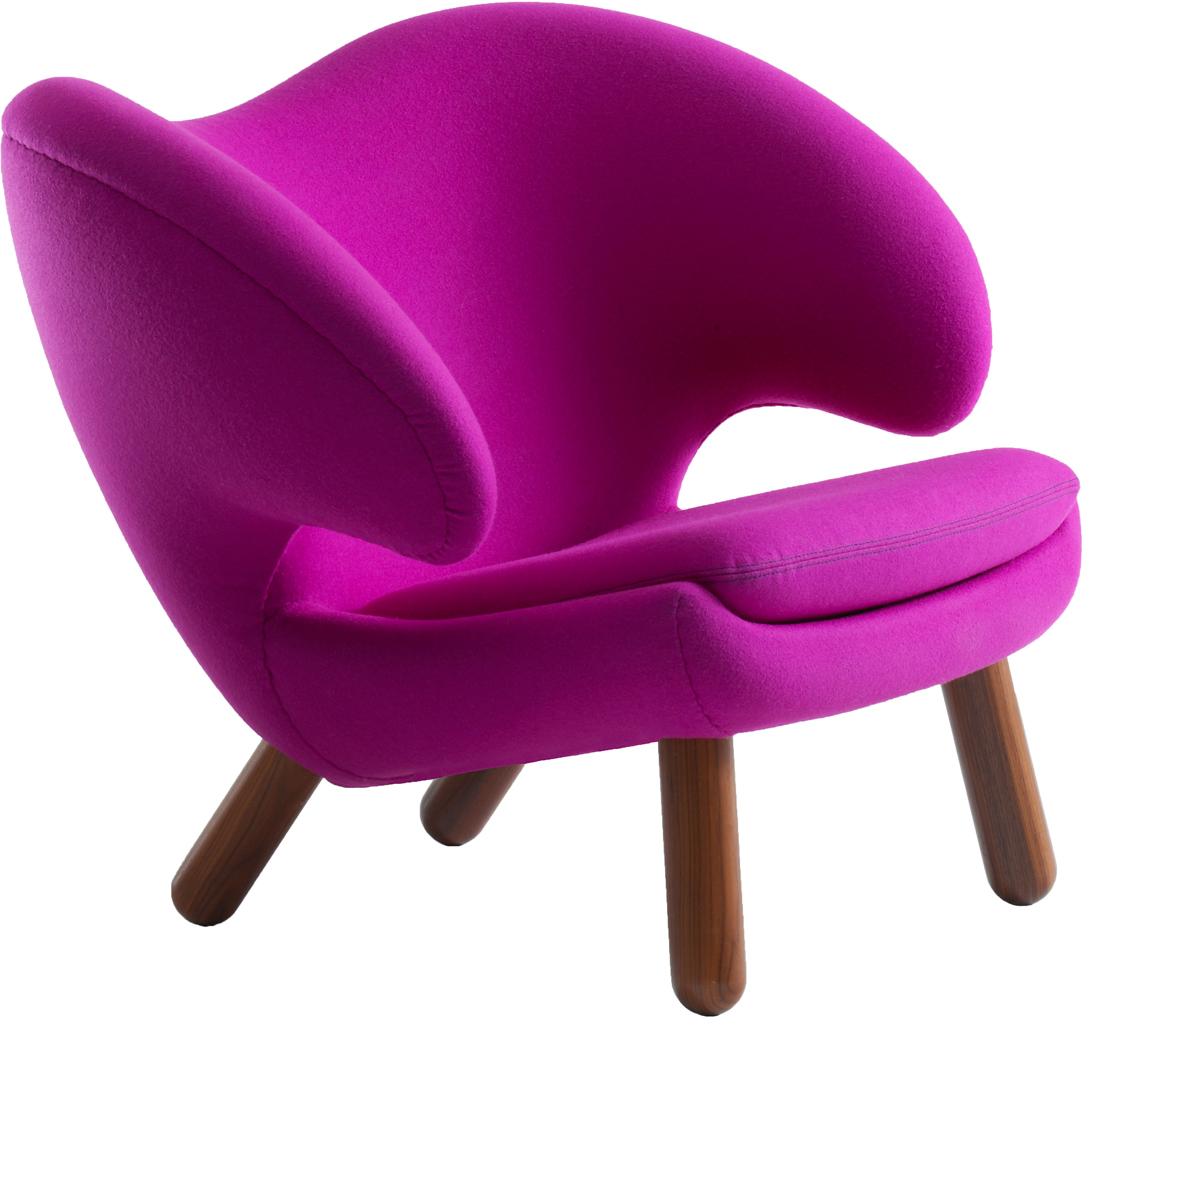 Finn juhl pelican chair lounge chair modern classic furniture